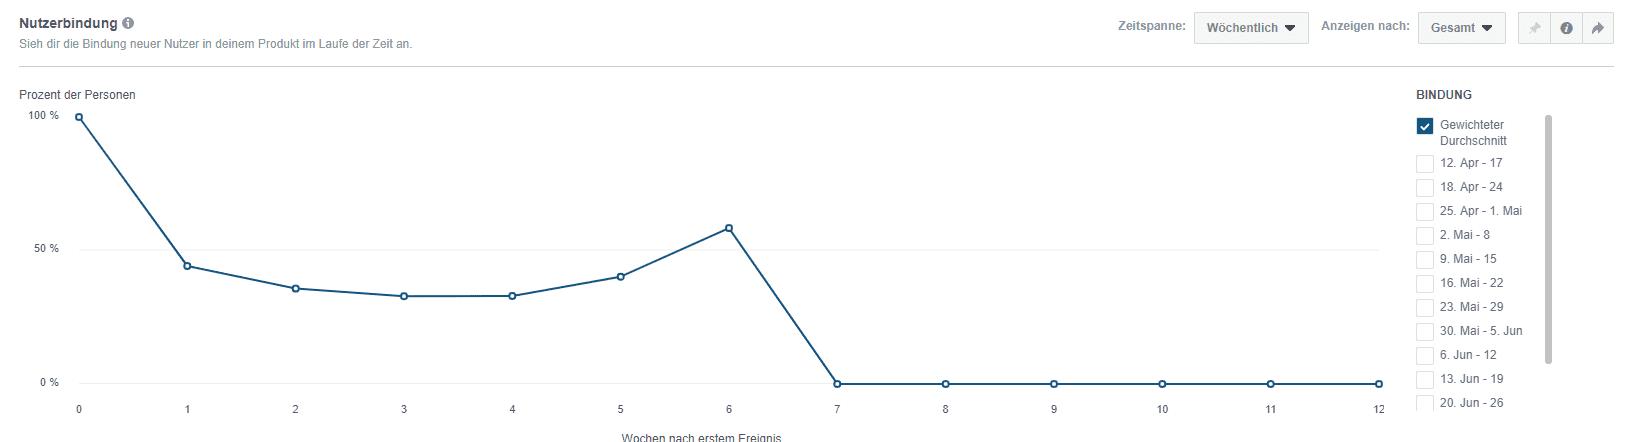 Nutzerbindung Facebook Analytics